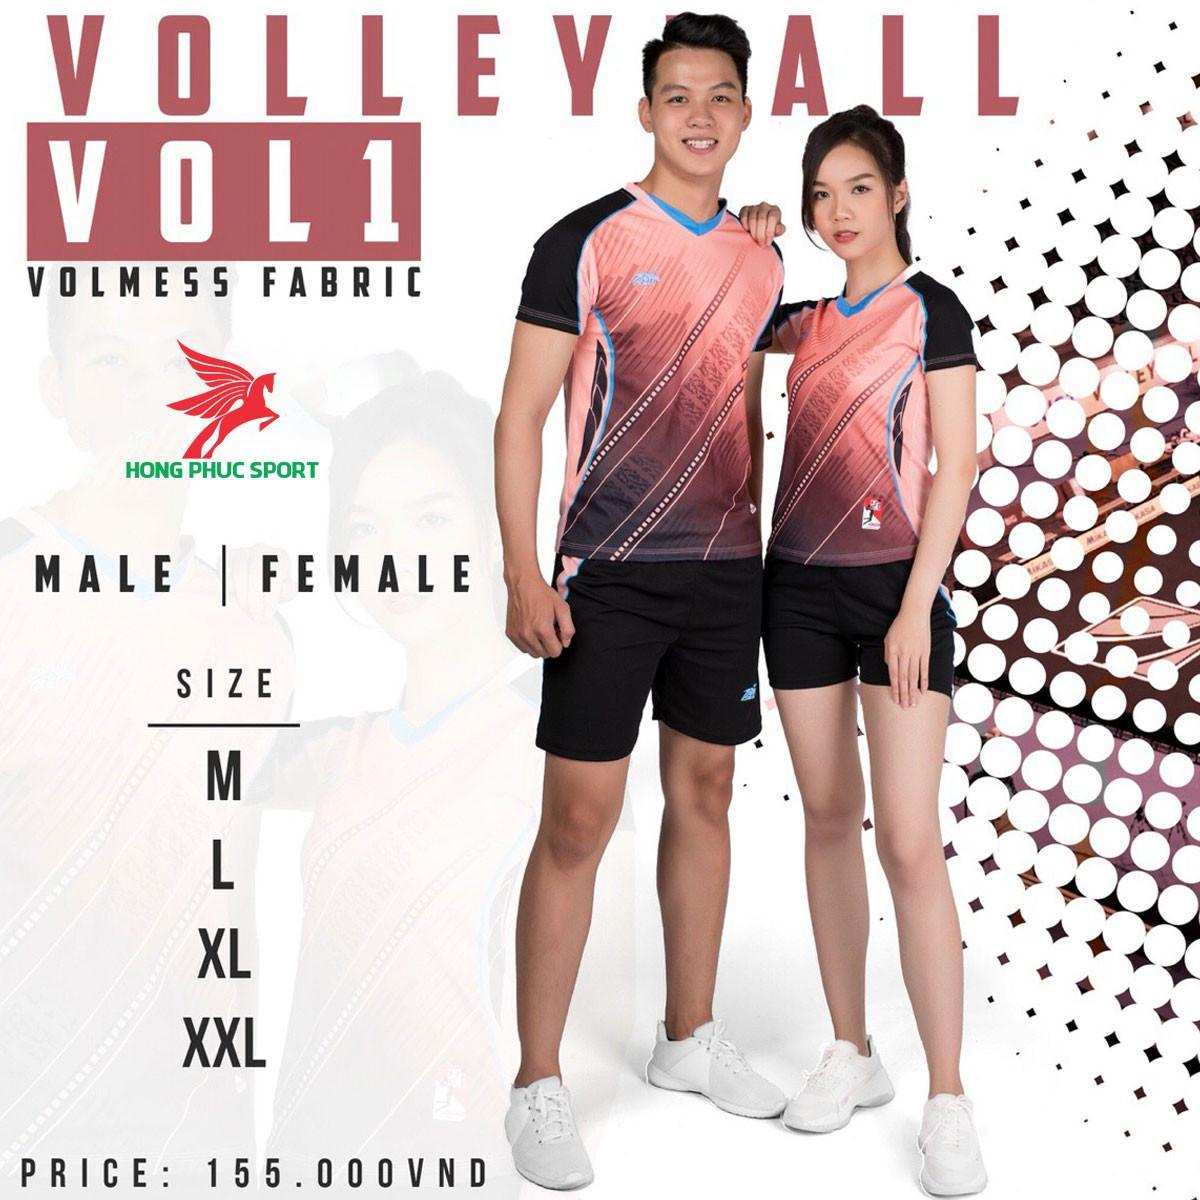 Áo thi đấu bóng chuyền Riki Vol12021 màu hồng